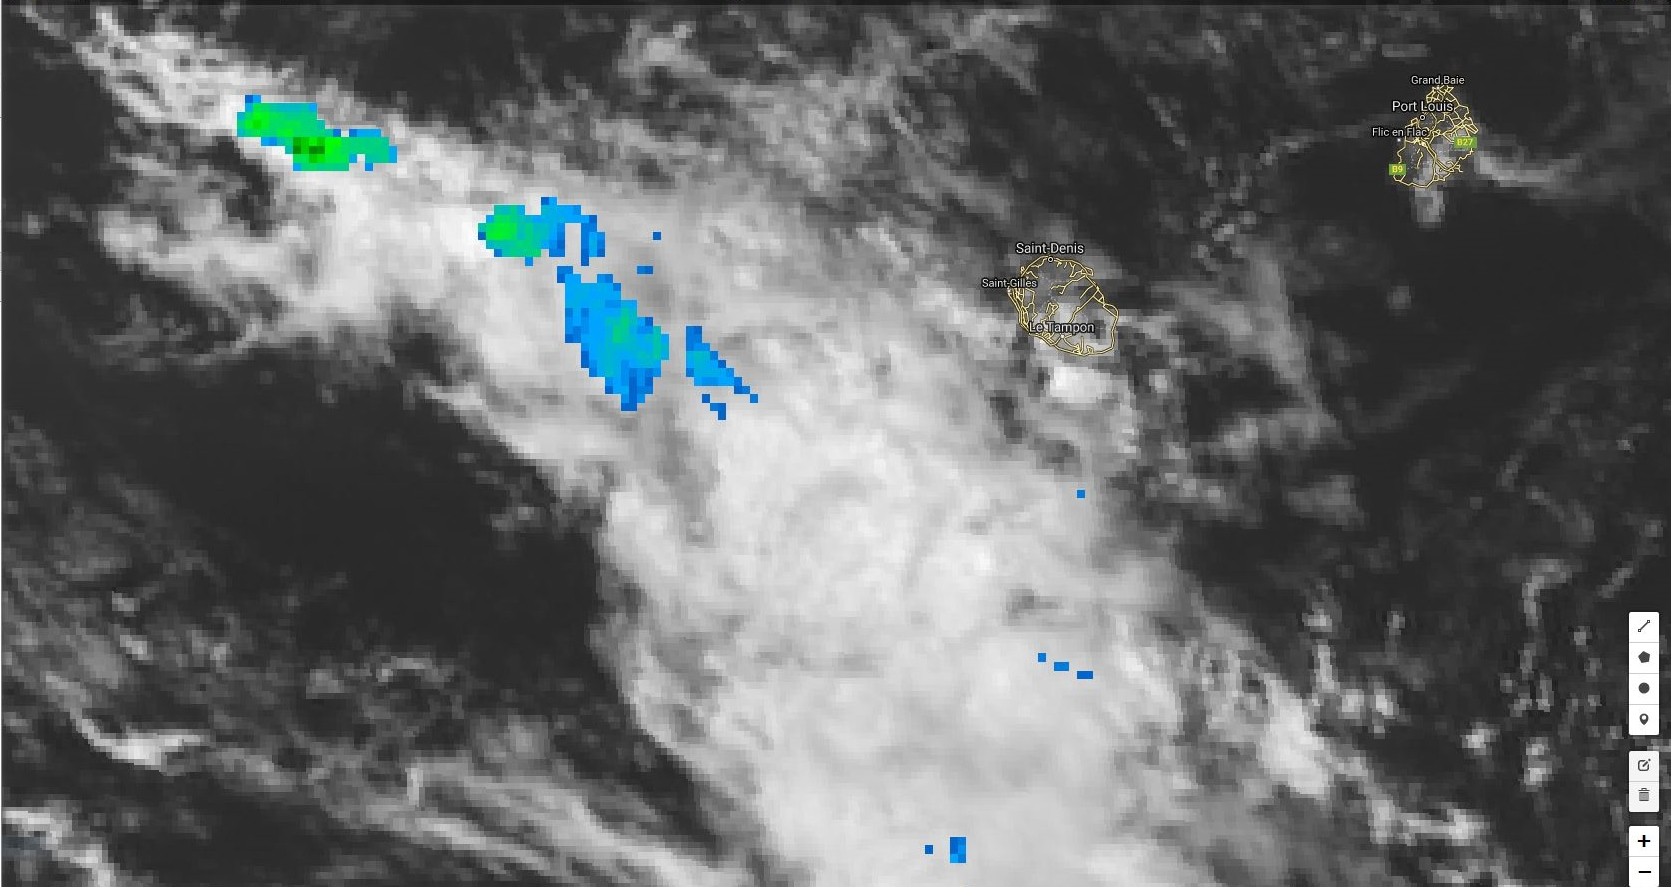 Cliquez sur l'image.La ligne d'instabilité avec des zones localement actives est située entre la Réunion et Madagascar à 14h.